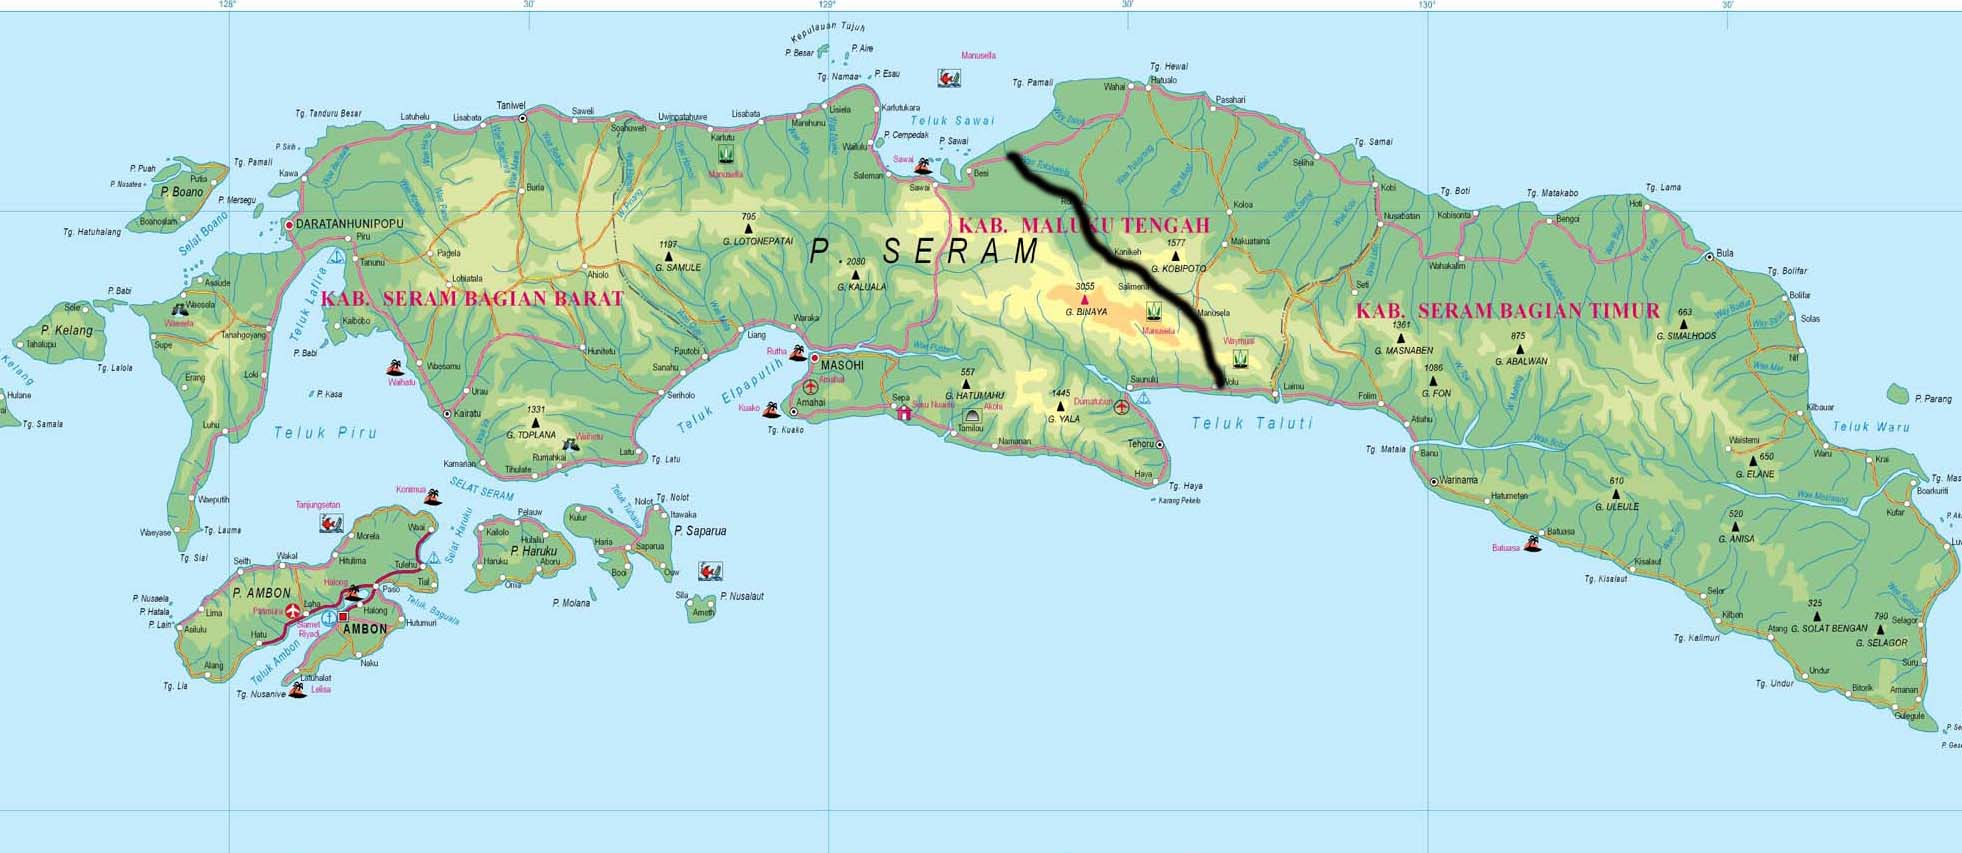 Hartă traseu Seram